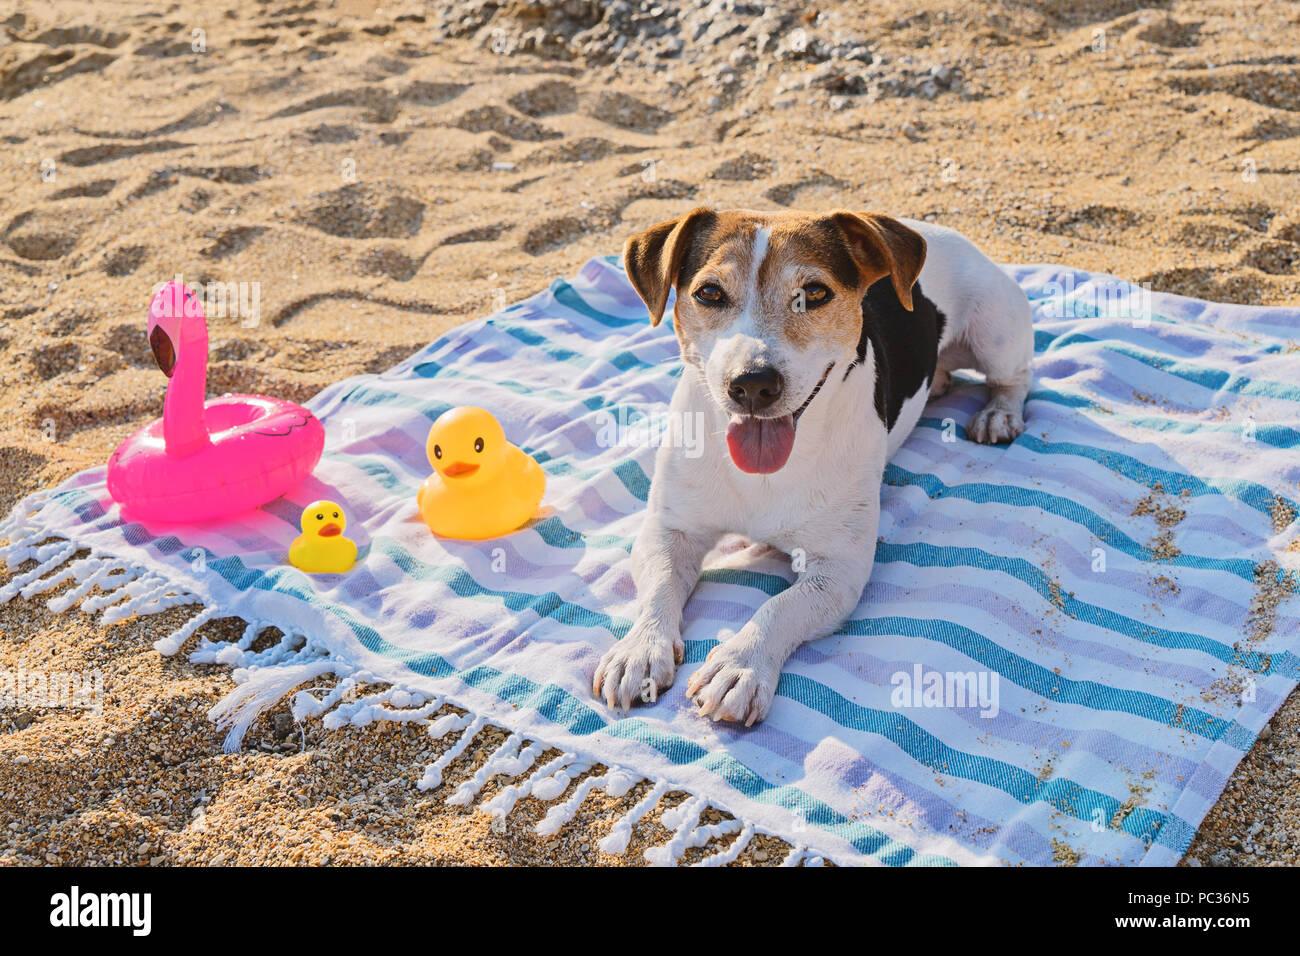 Cute Jack Russell Terrier dog lying et jouit sur serviette bleu sur le sable de plage et à la recherche à l'appareil photo. Soins de santé chien en saison de chaleur et de rayons UV active concept Photo Stock